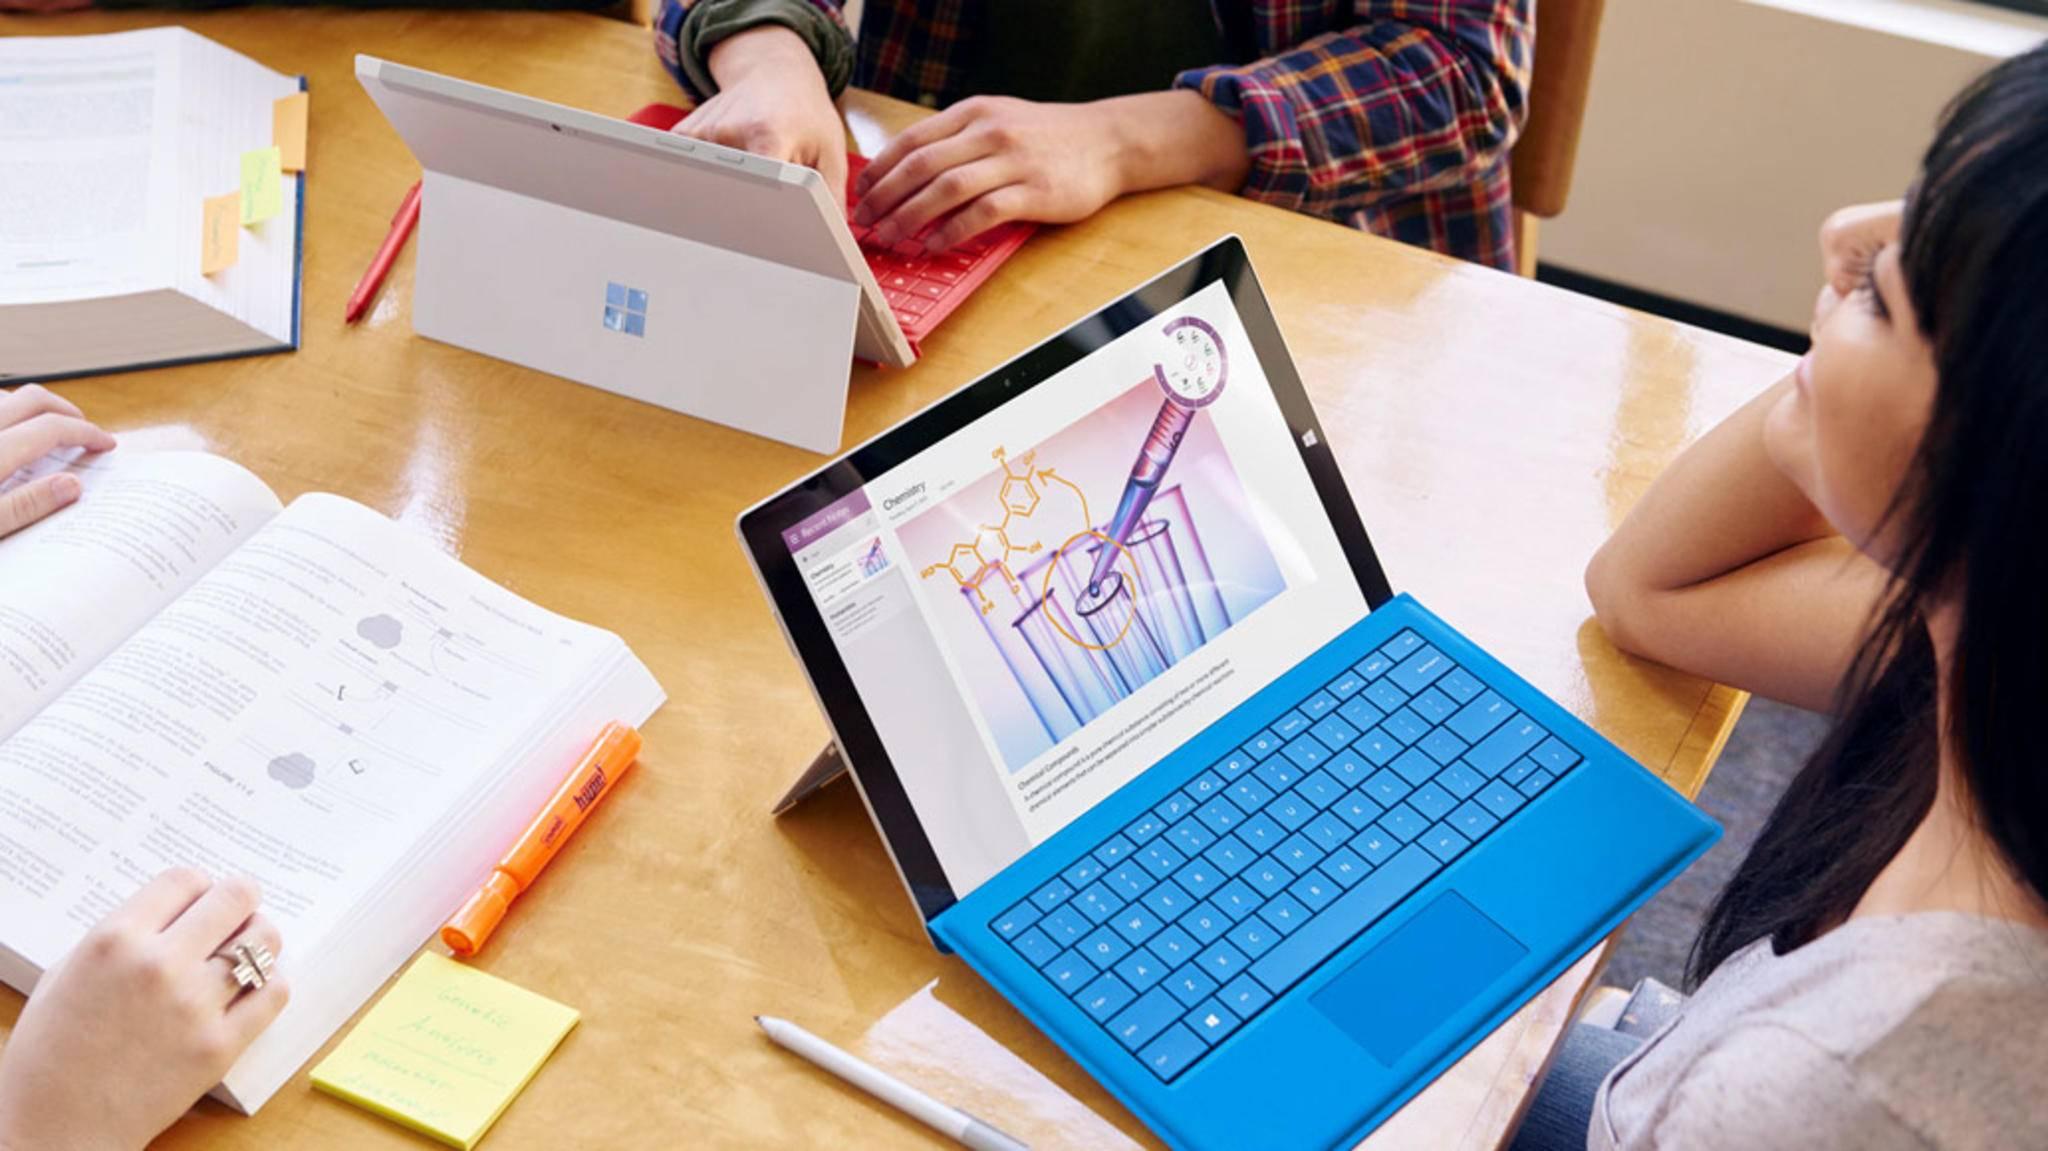 Viele Studenten können Microsoft 365 kostenlos nutzen.